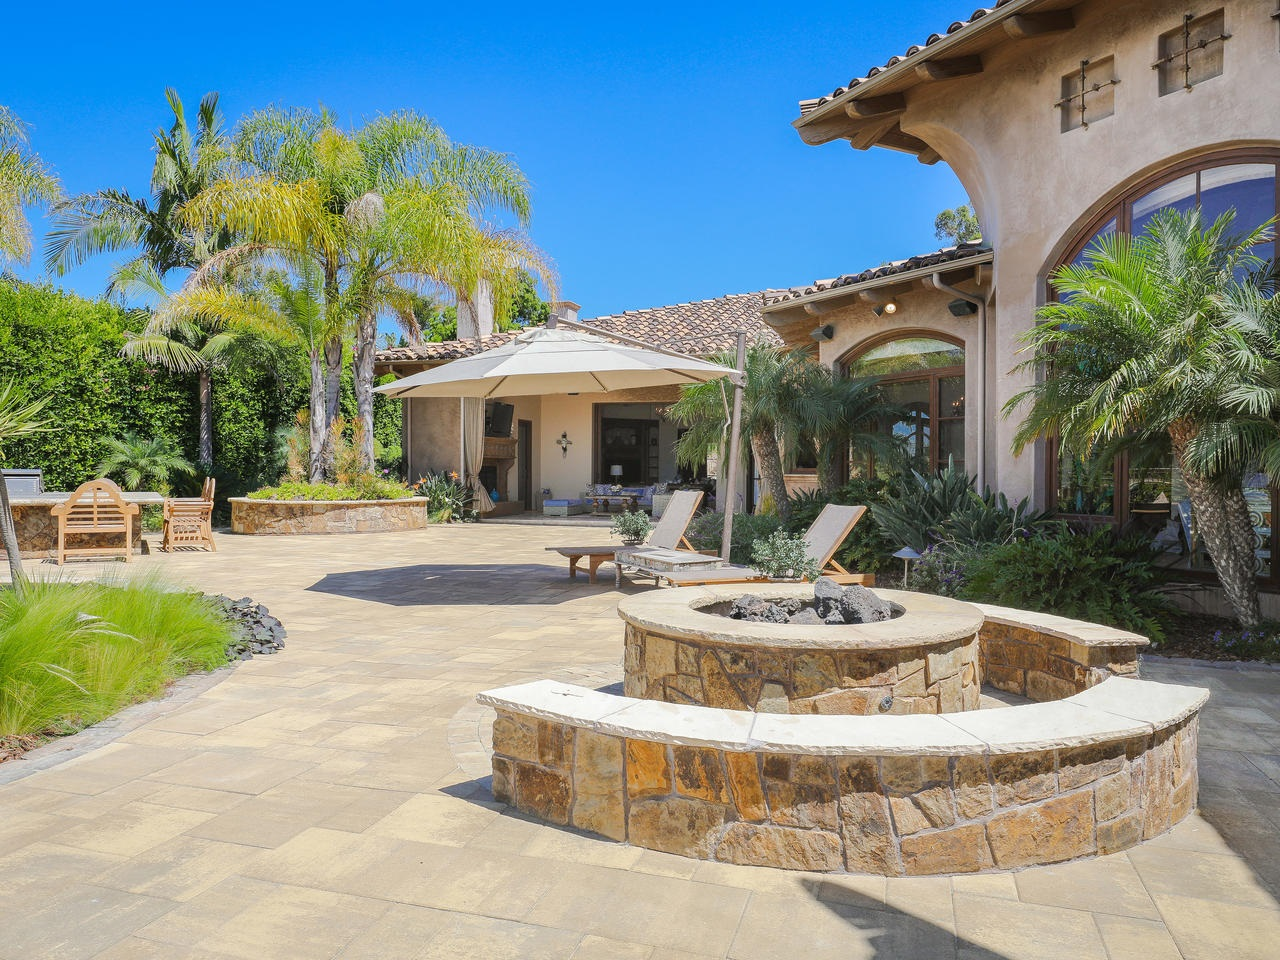 14104 Rancho Tierra Trl San Diego, CA 92130